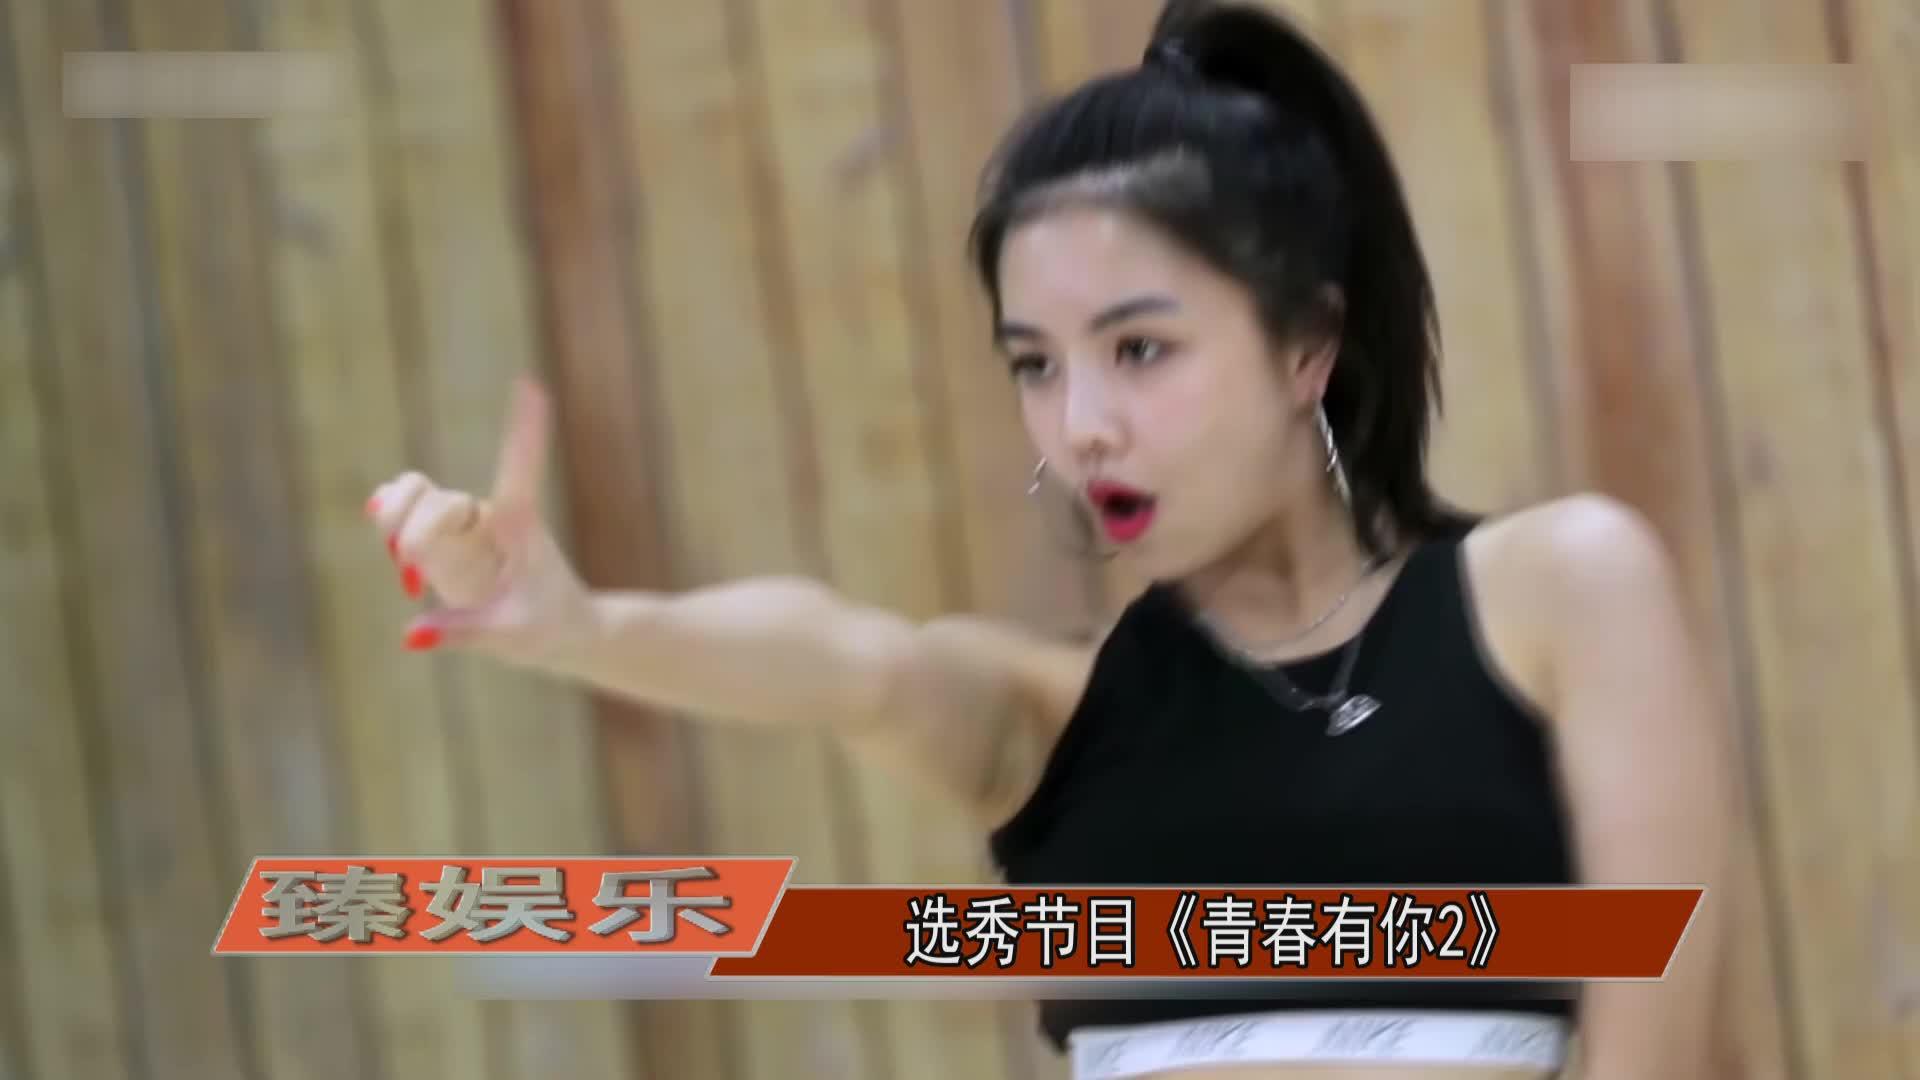 《青你2》选手官宣吴亦凡绯闻女友秦牛正威网红林小宅参加